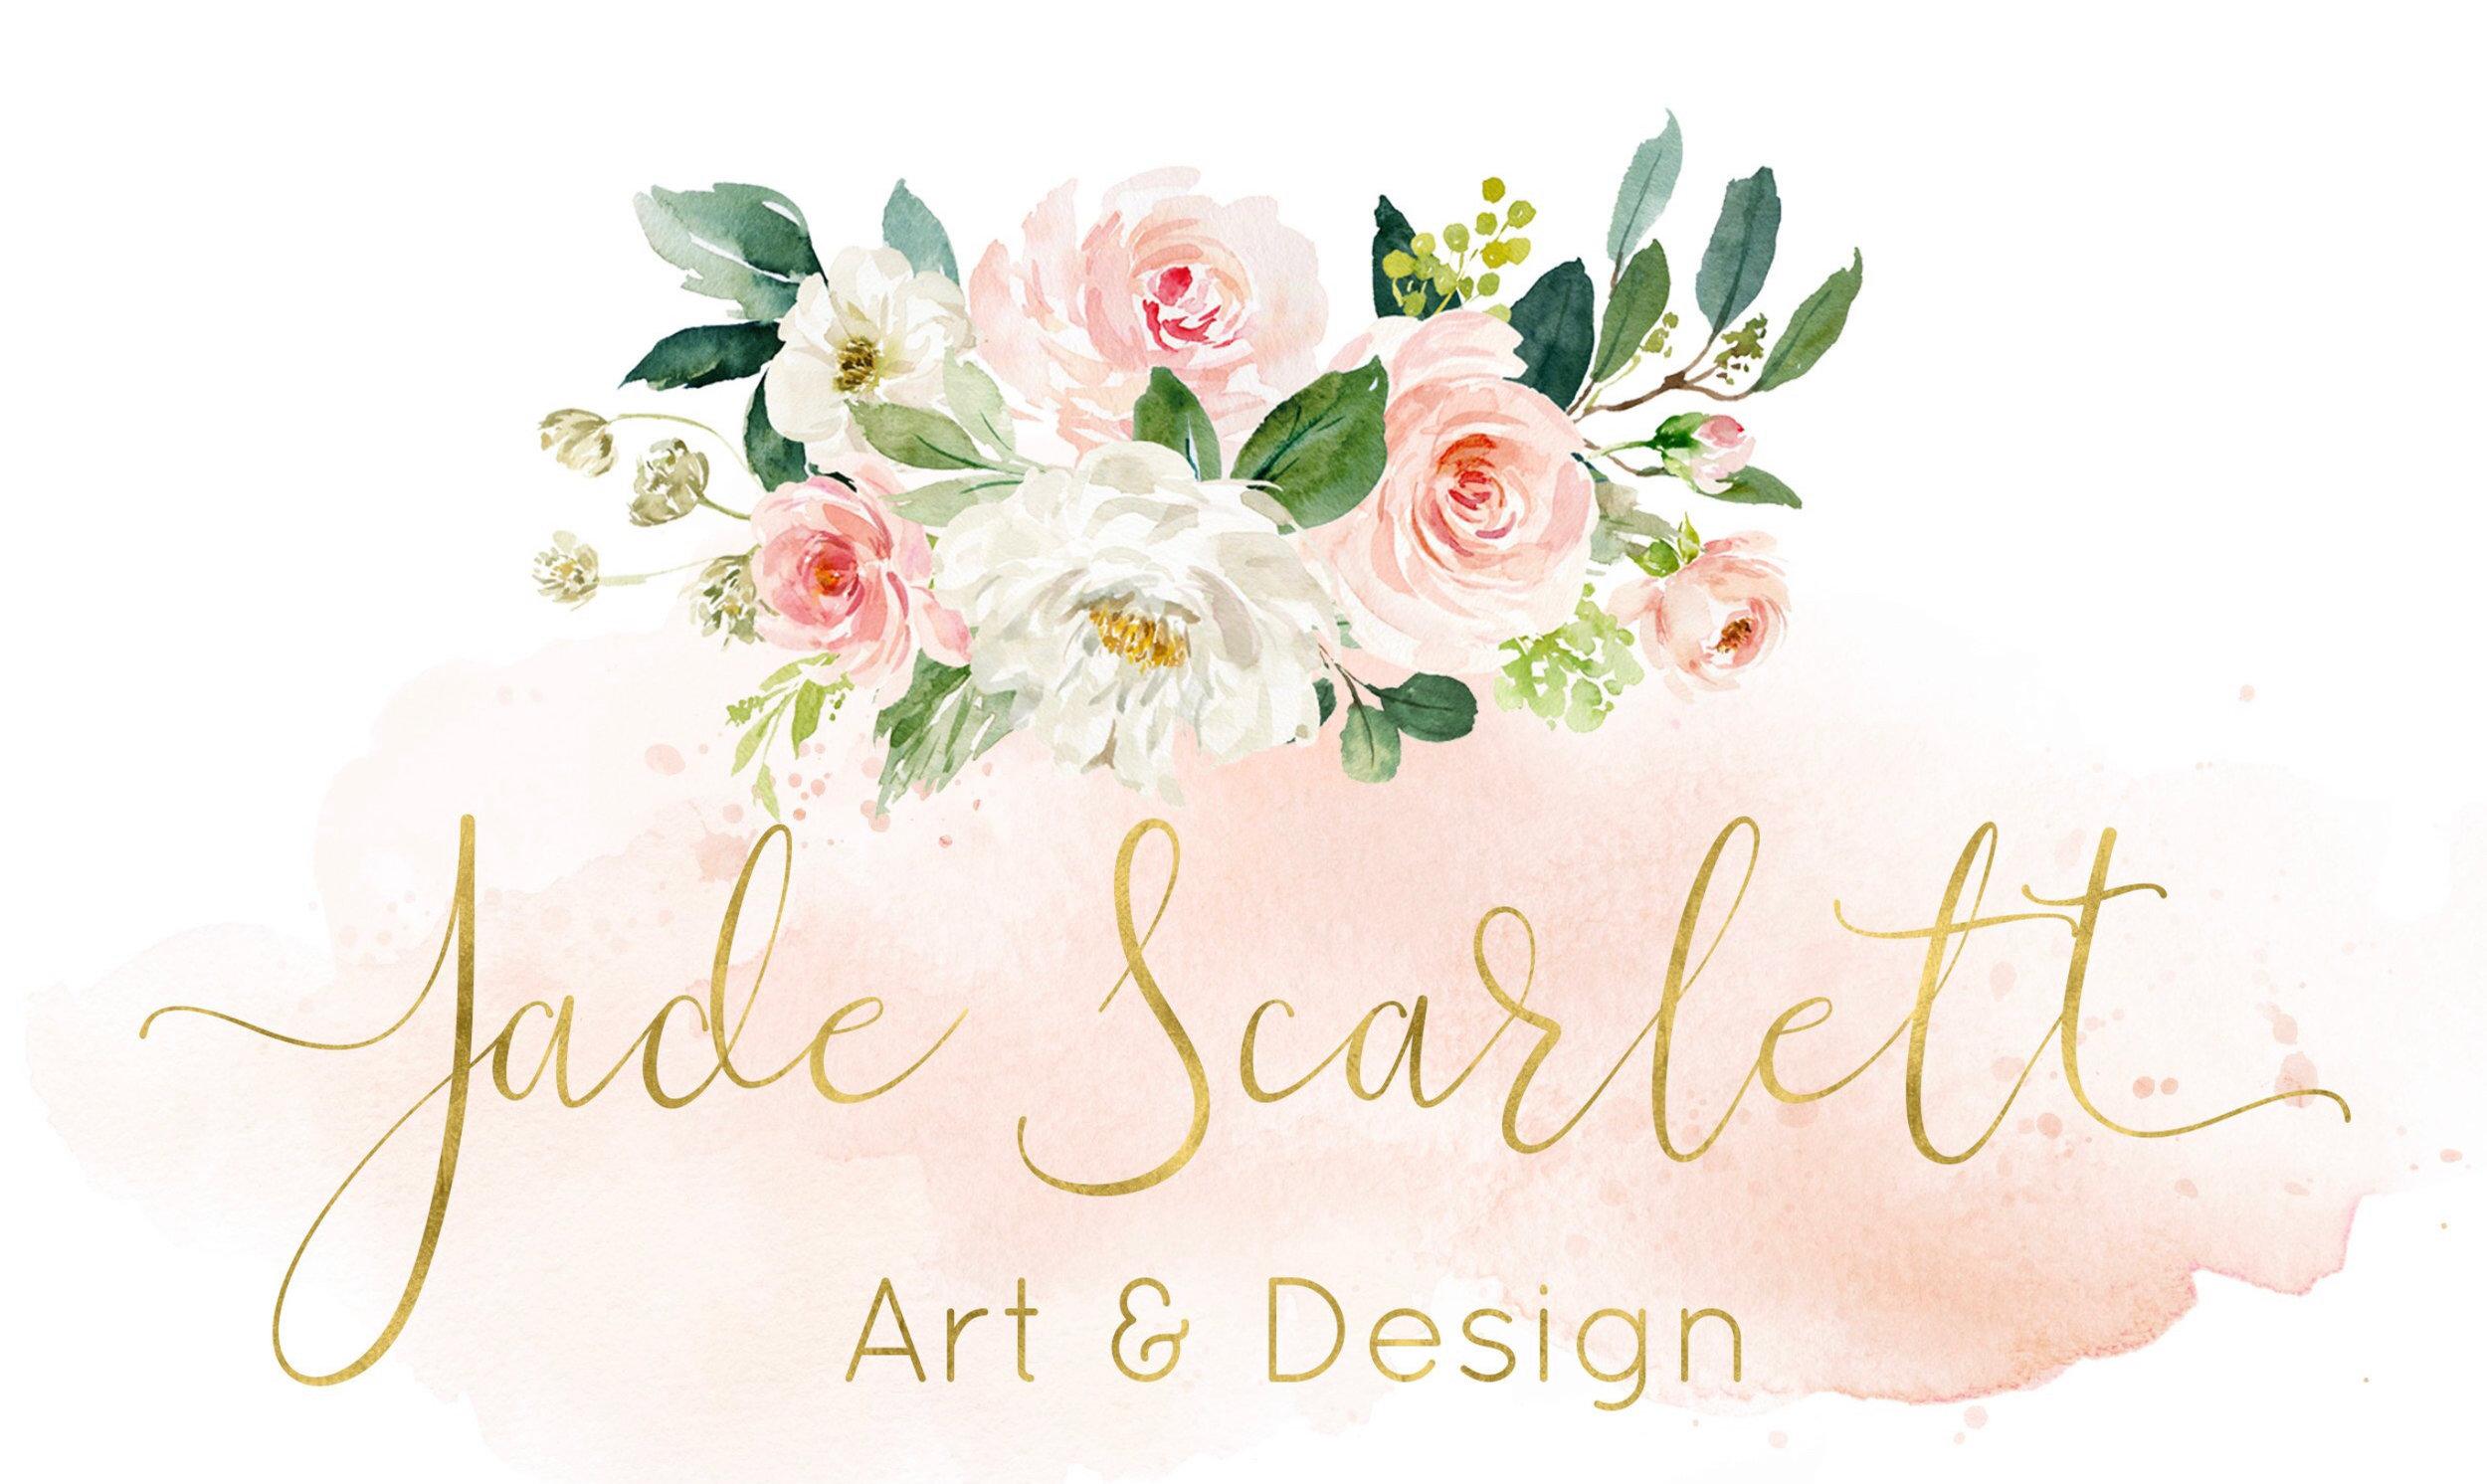 JadeScarlettArt&Design